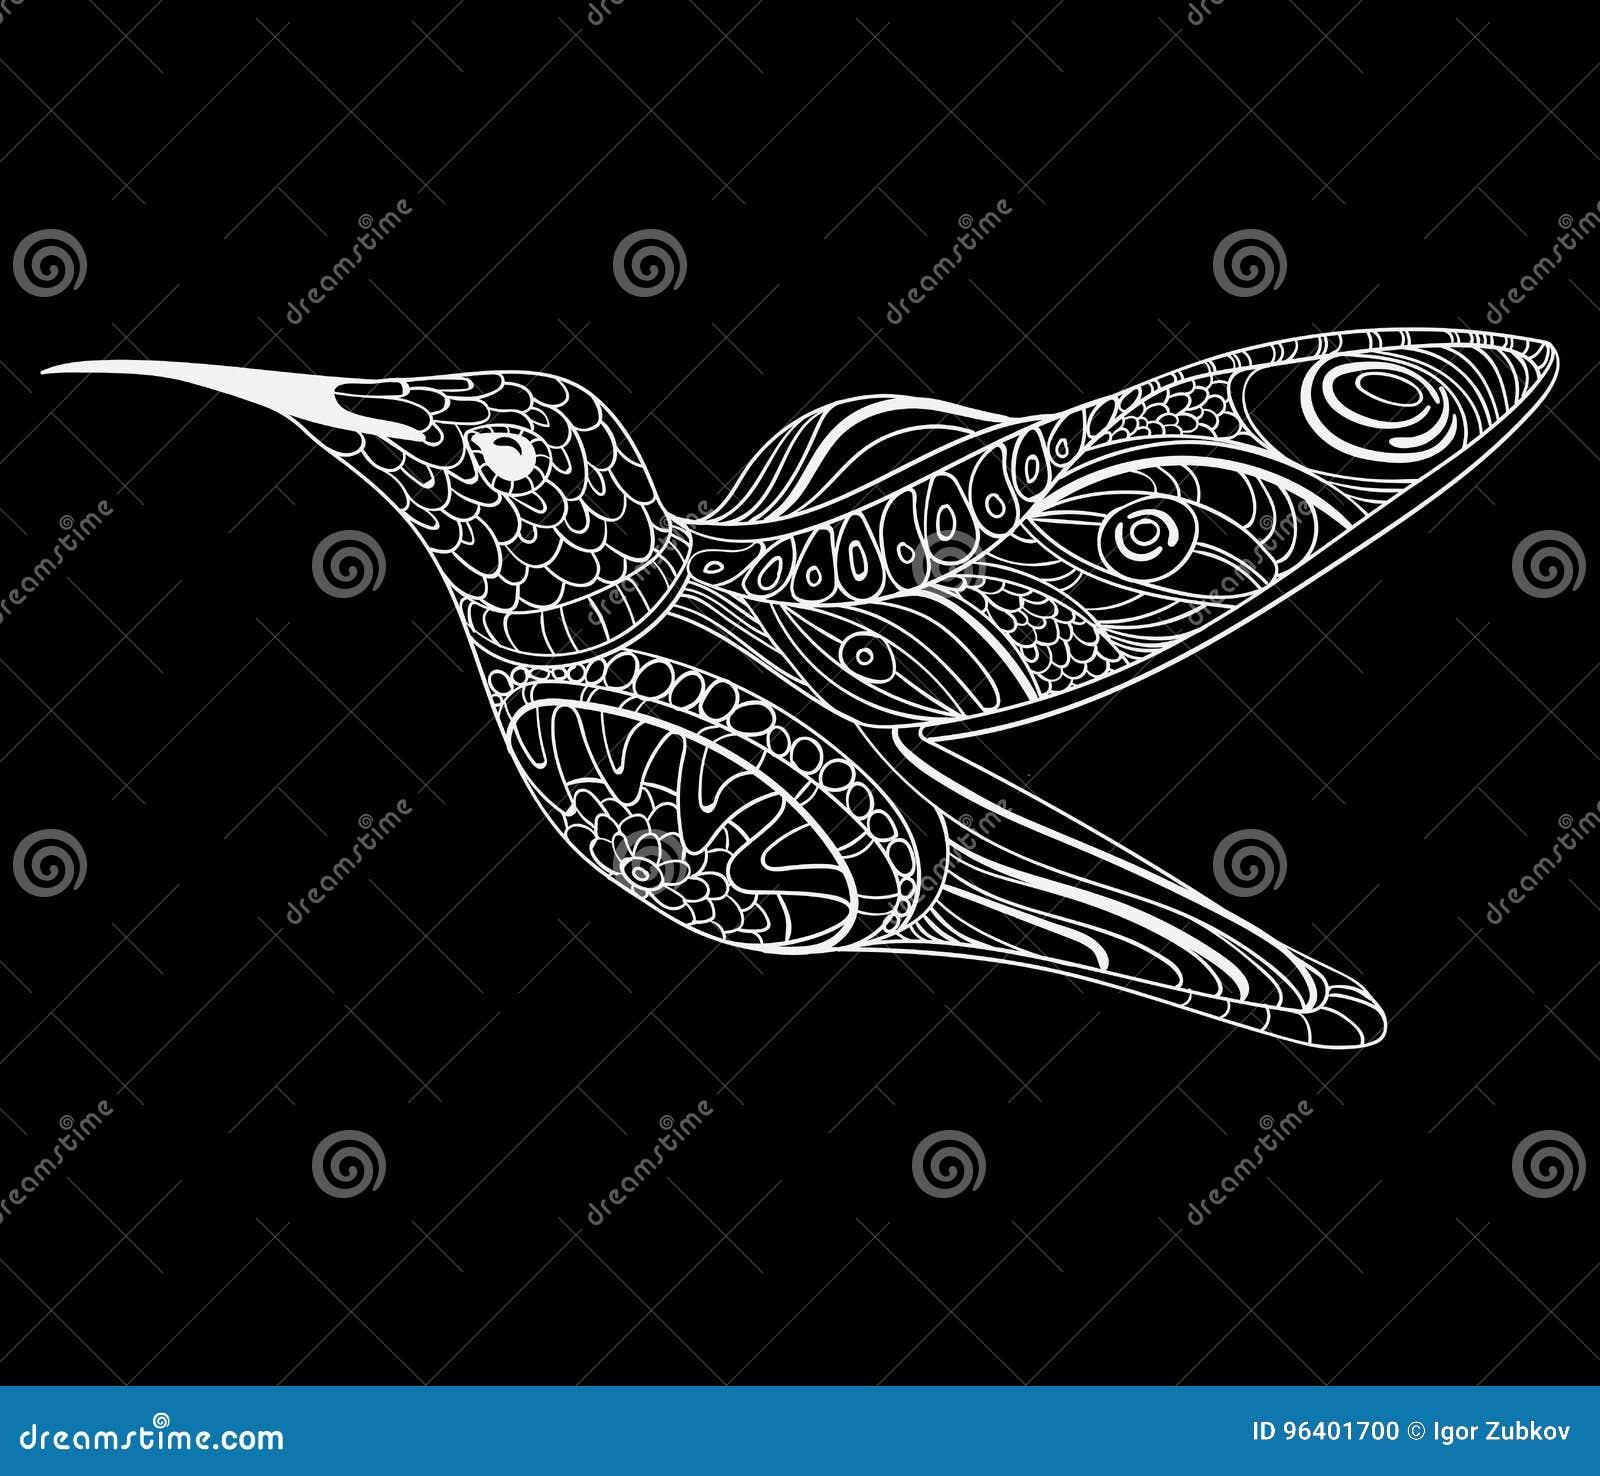 Ejemplo Del Vector De Un Colibrí Pájaro De Vuelo Estilizado Dibujo